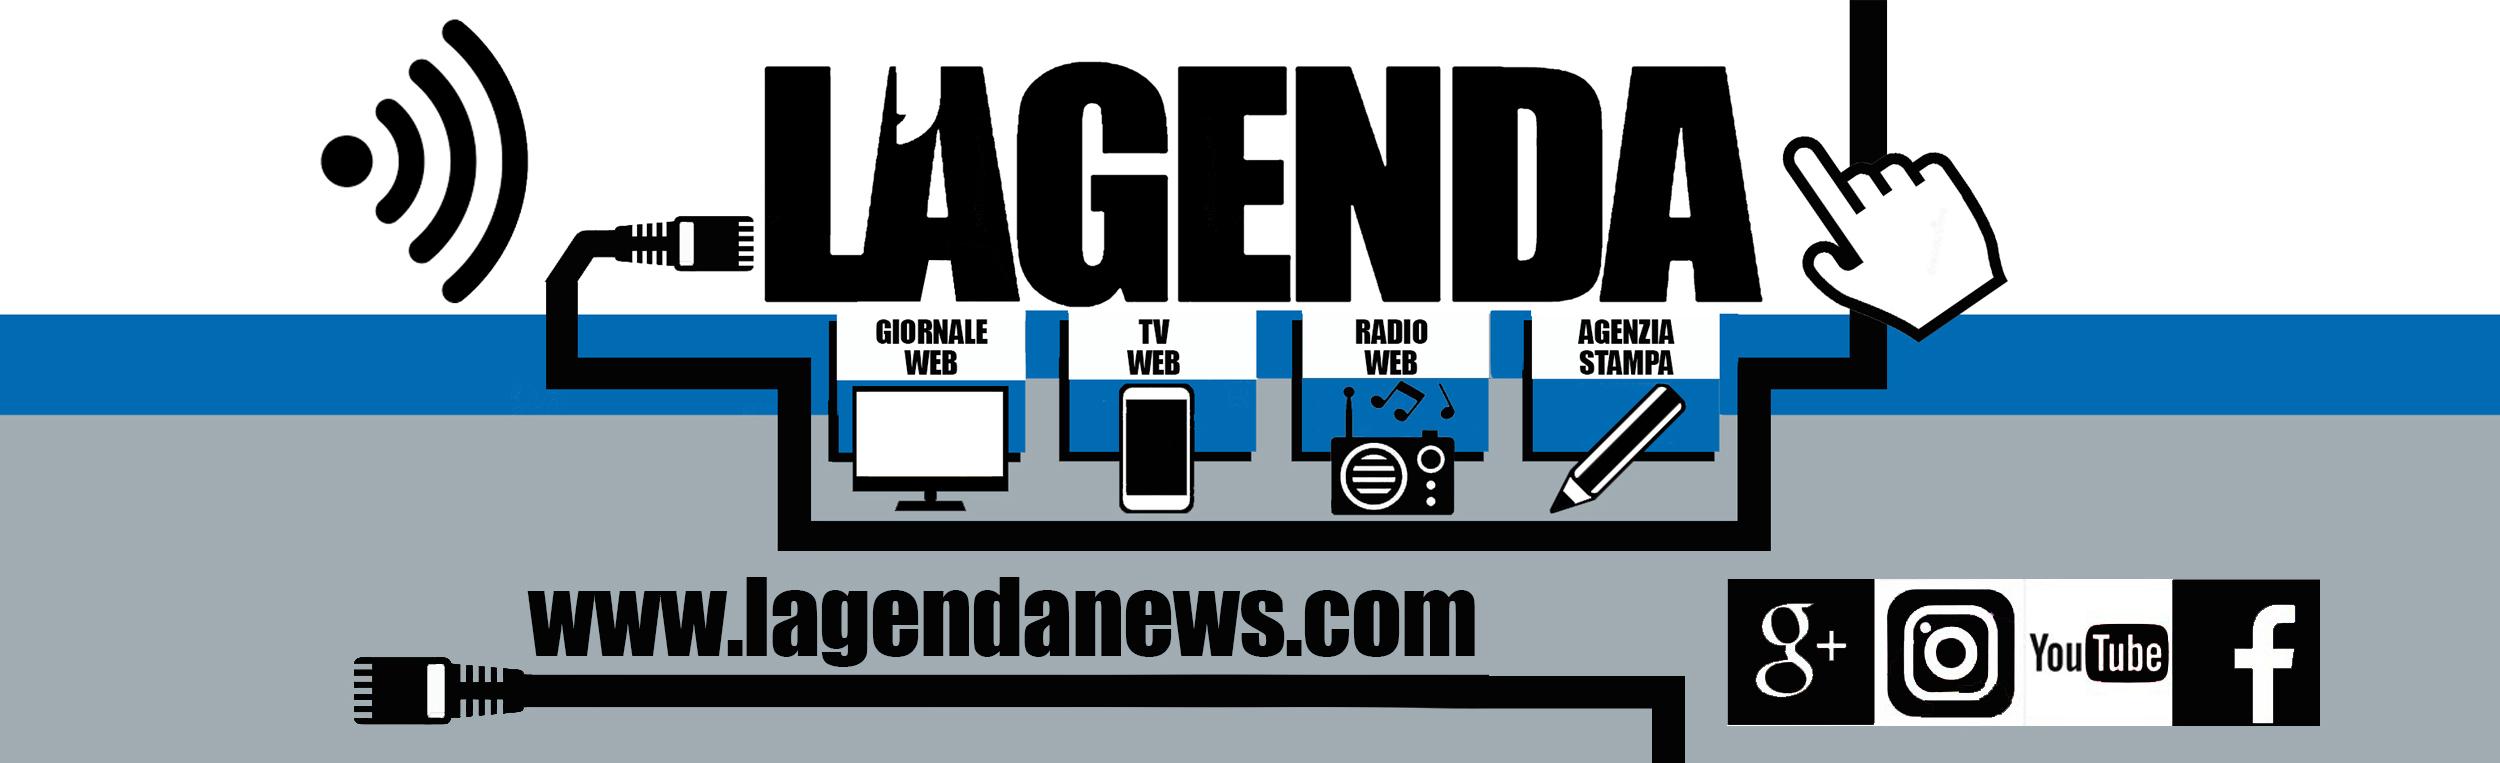 agenda sotto